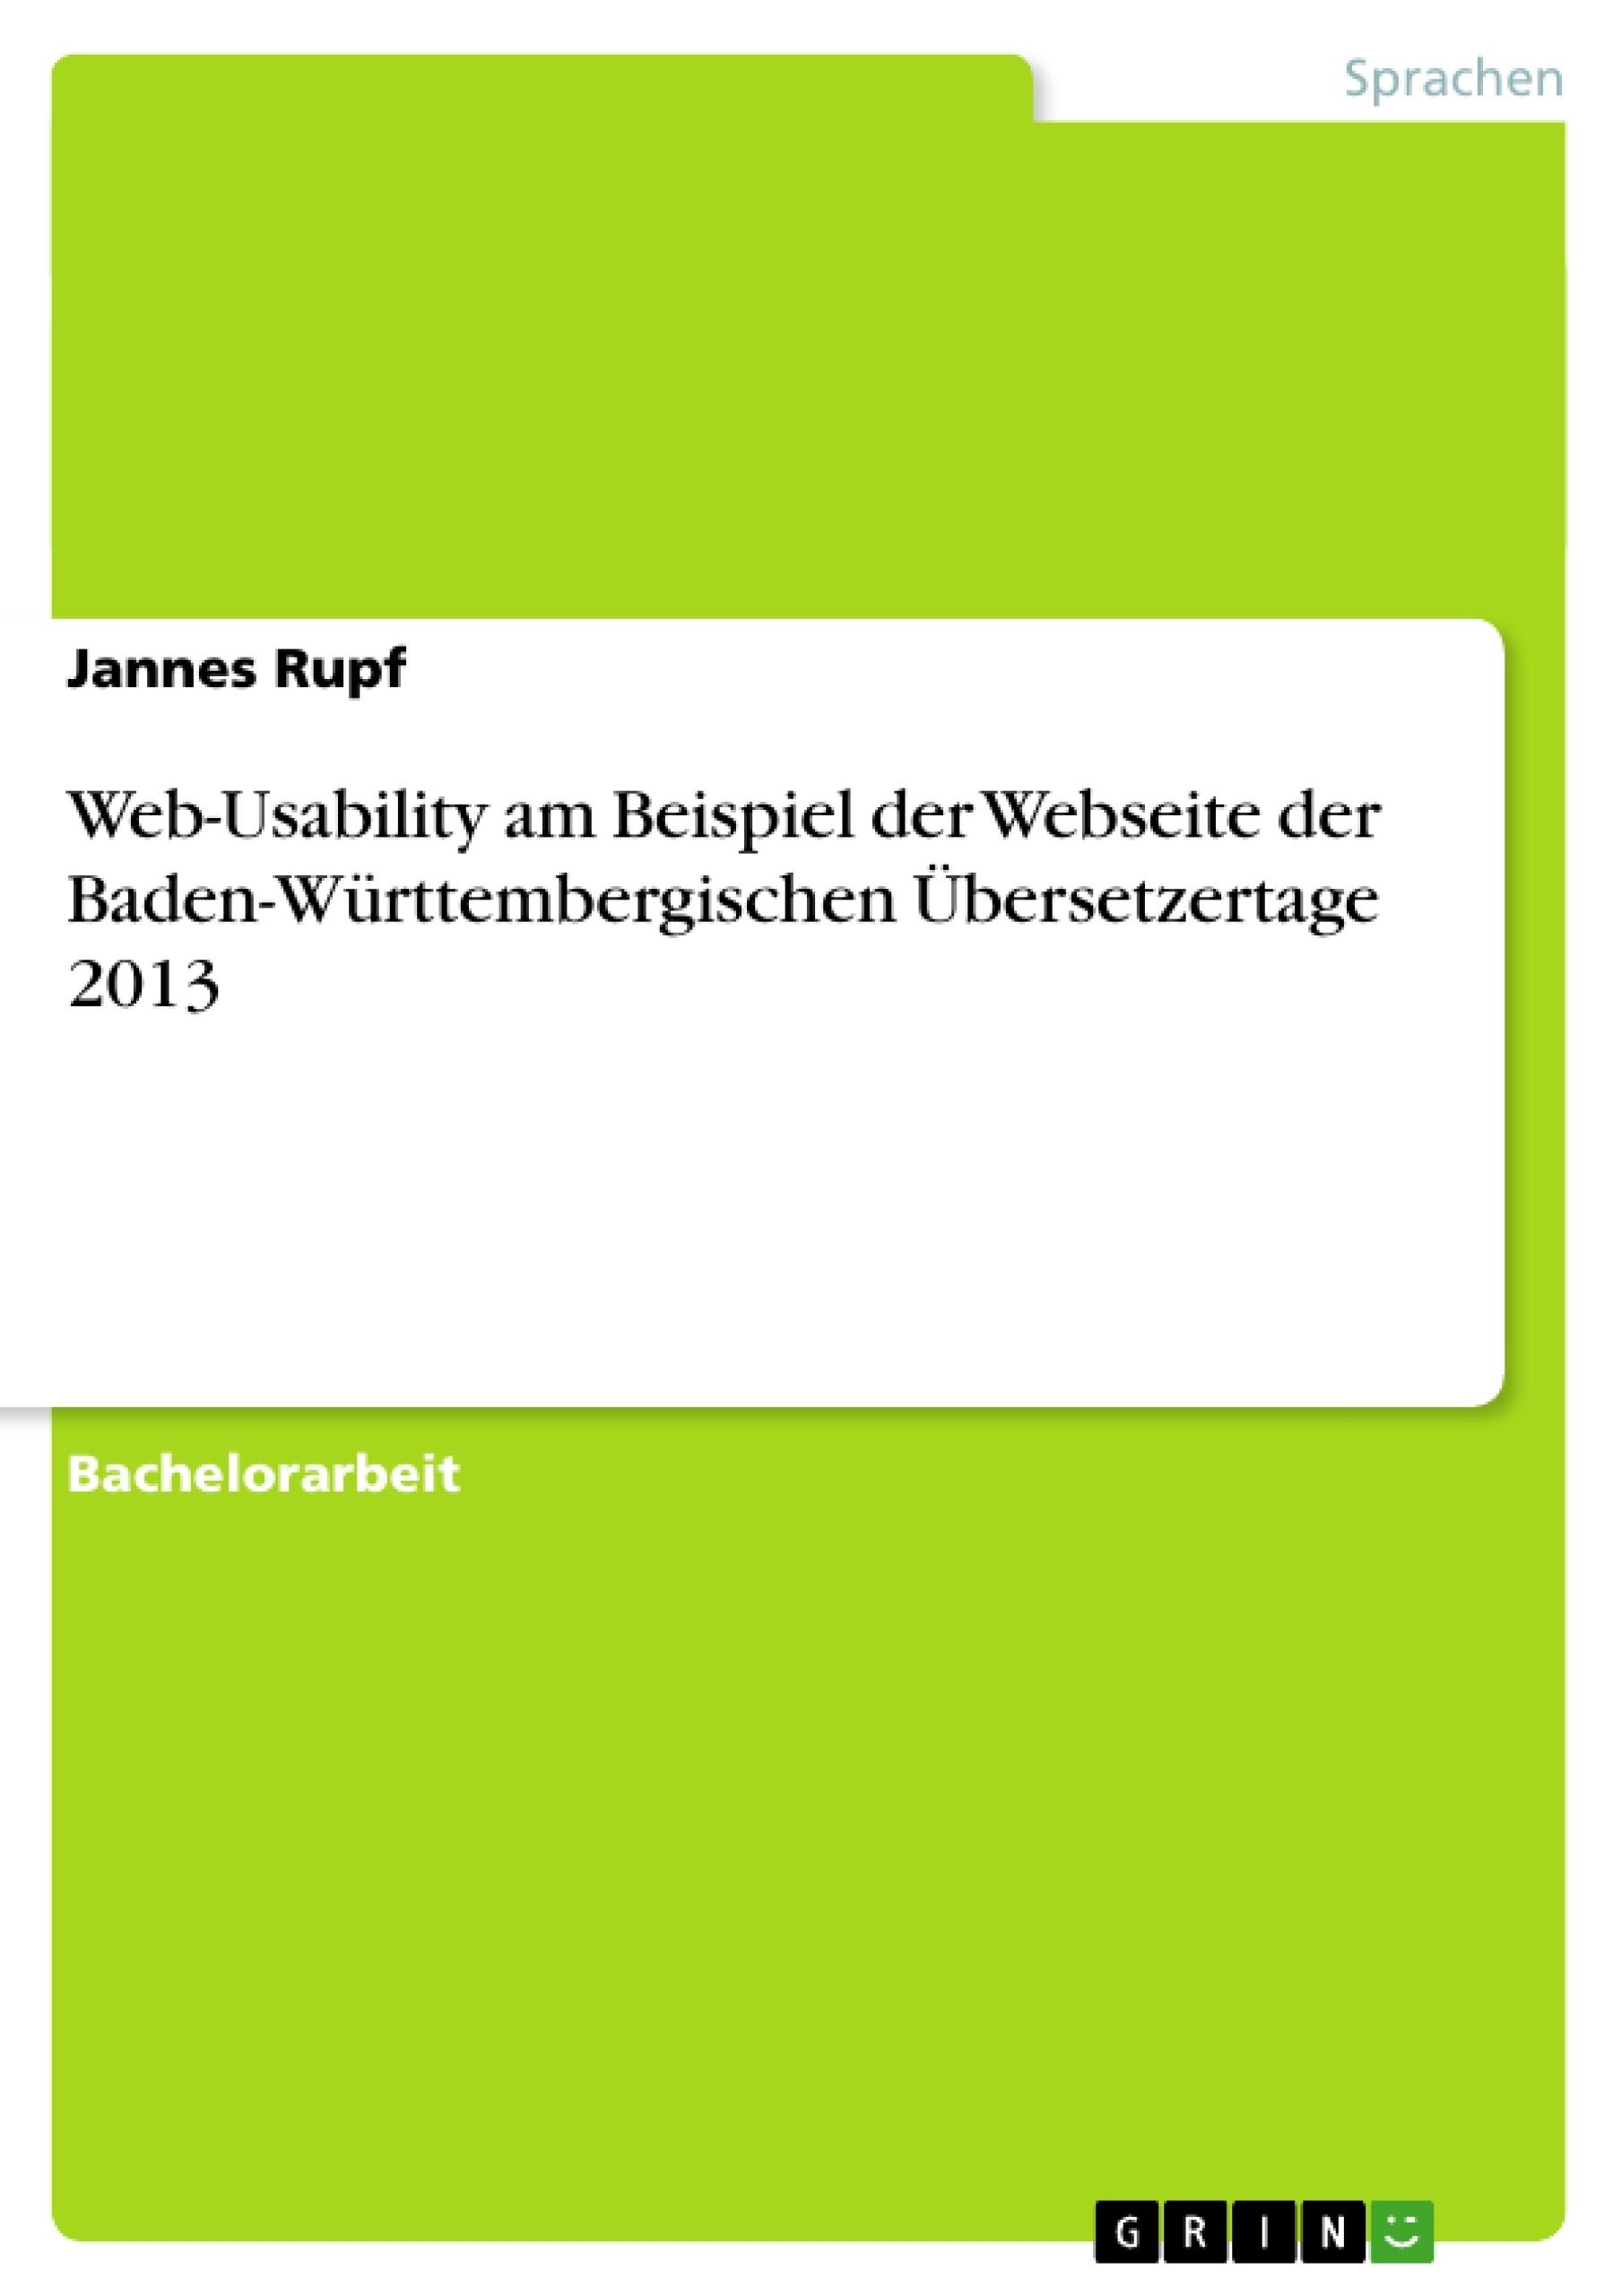 Titel: Web-Usability am Beispiel der Webseite der Baden-Württembergischen Übersetzertage 2013